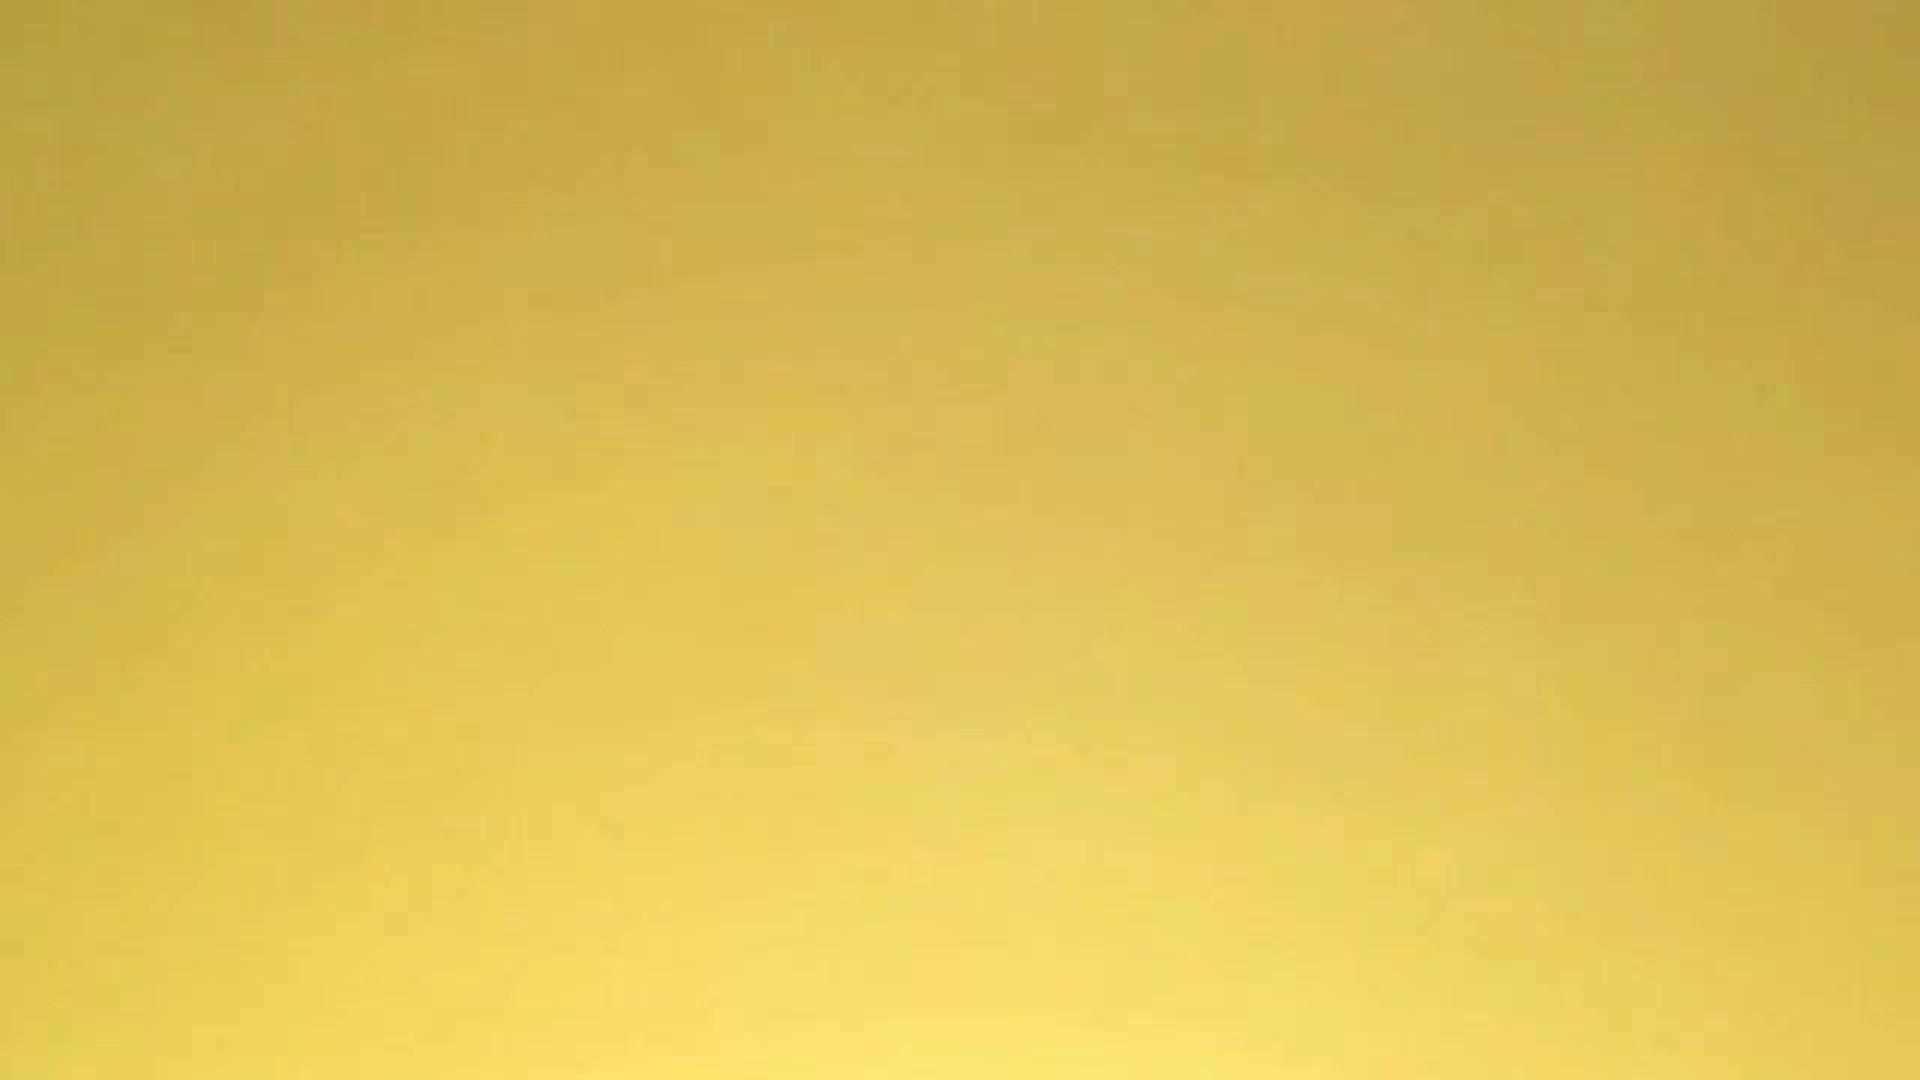 ドラゴン2世 チャラ男の個人撮影 Vol.06 超かわいい彼女 ゆいか 18才 Part.03 ついにハメ撮り 素人エロ画像  50PICs 8